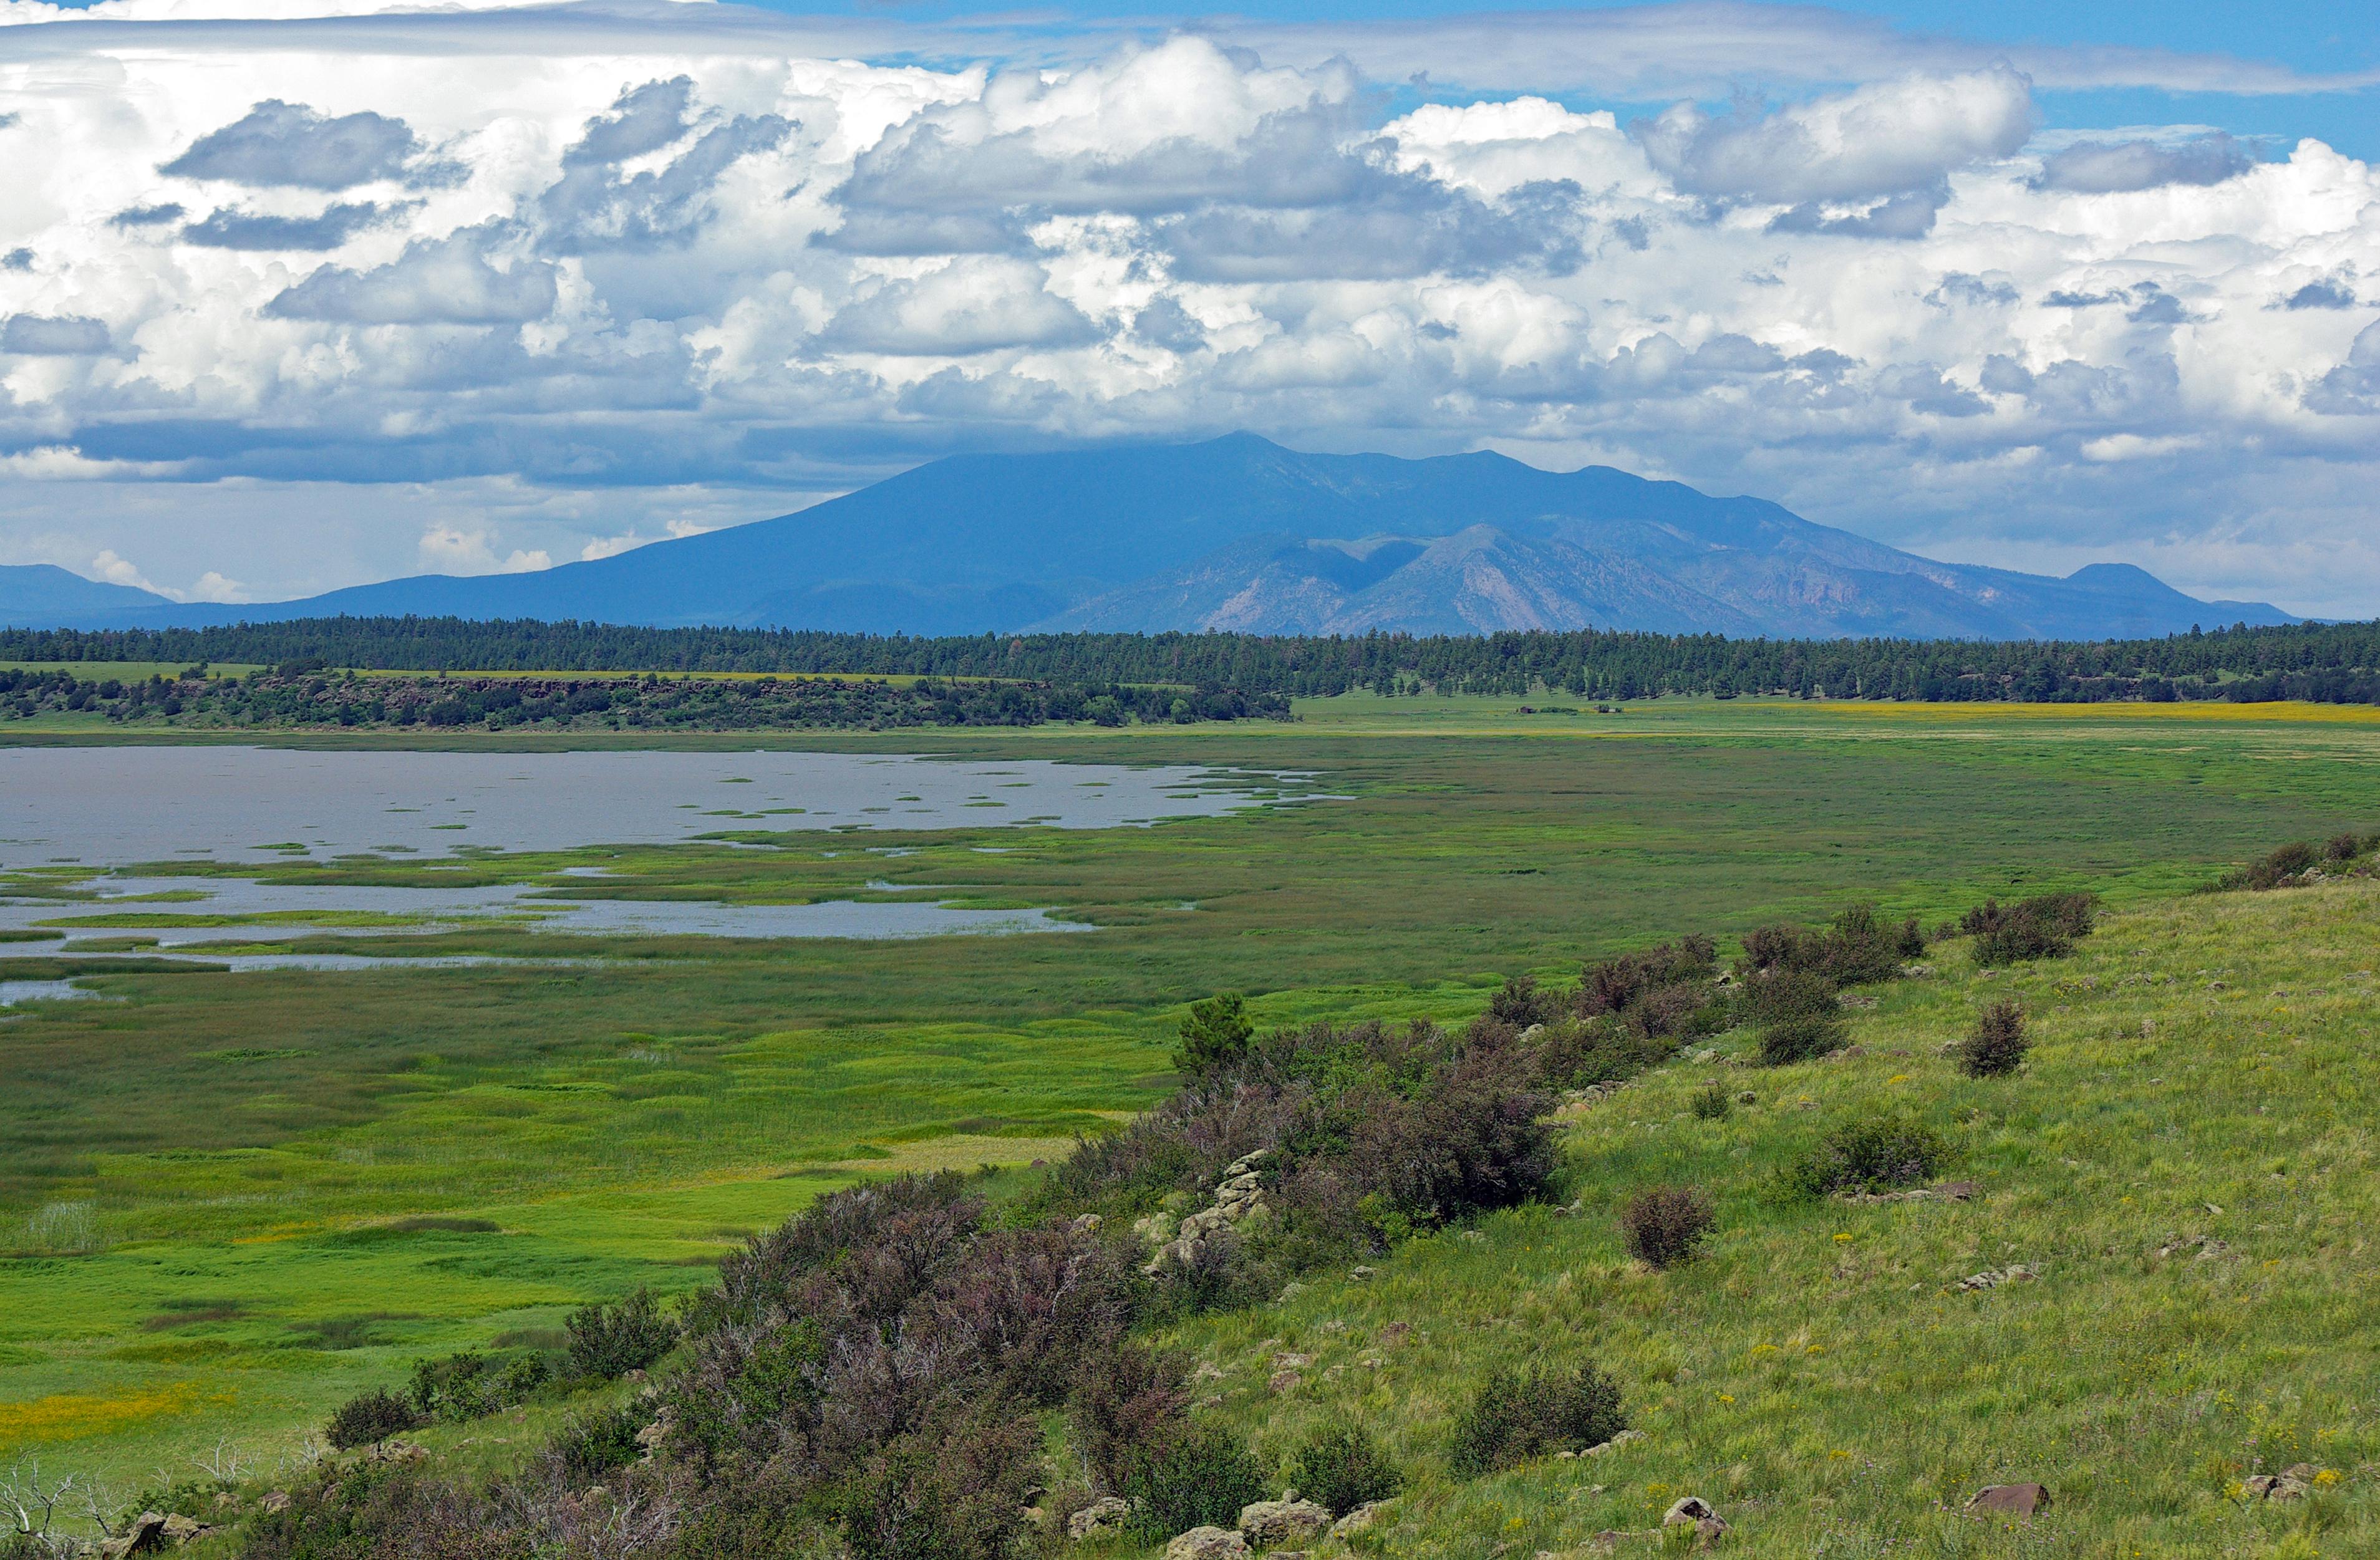 Mormon Lake Az >> Mormon Lake Village Travel Guide At Wikivoyage